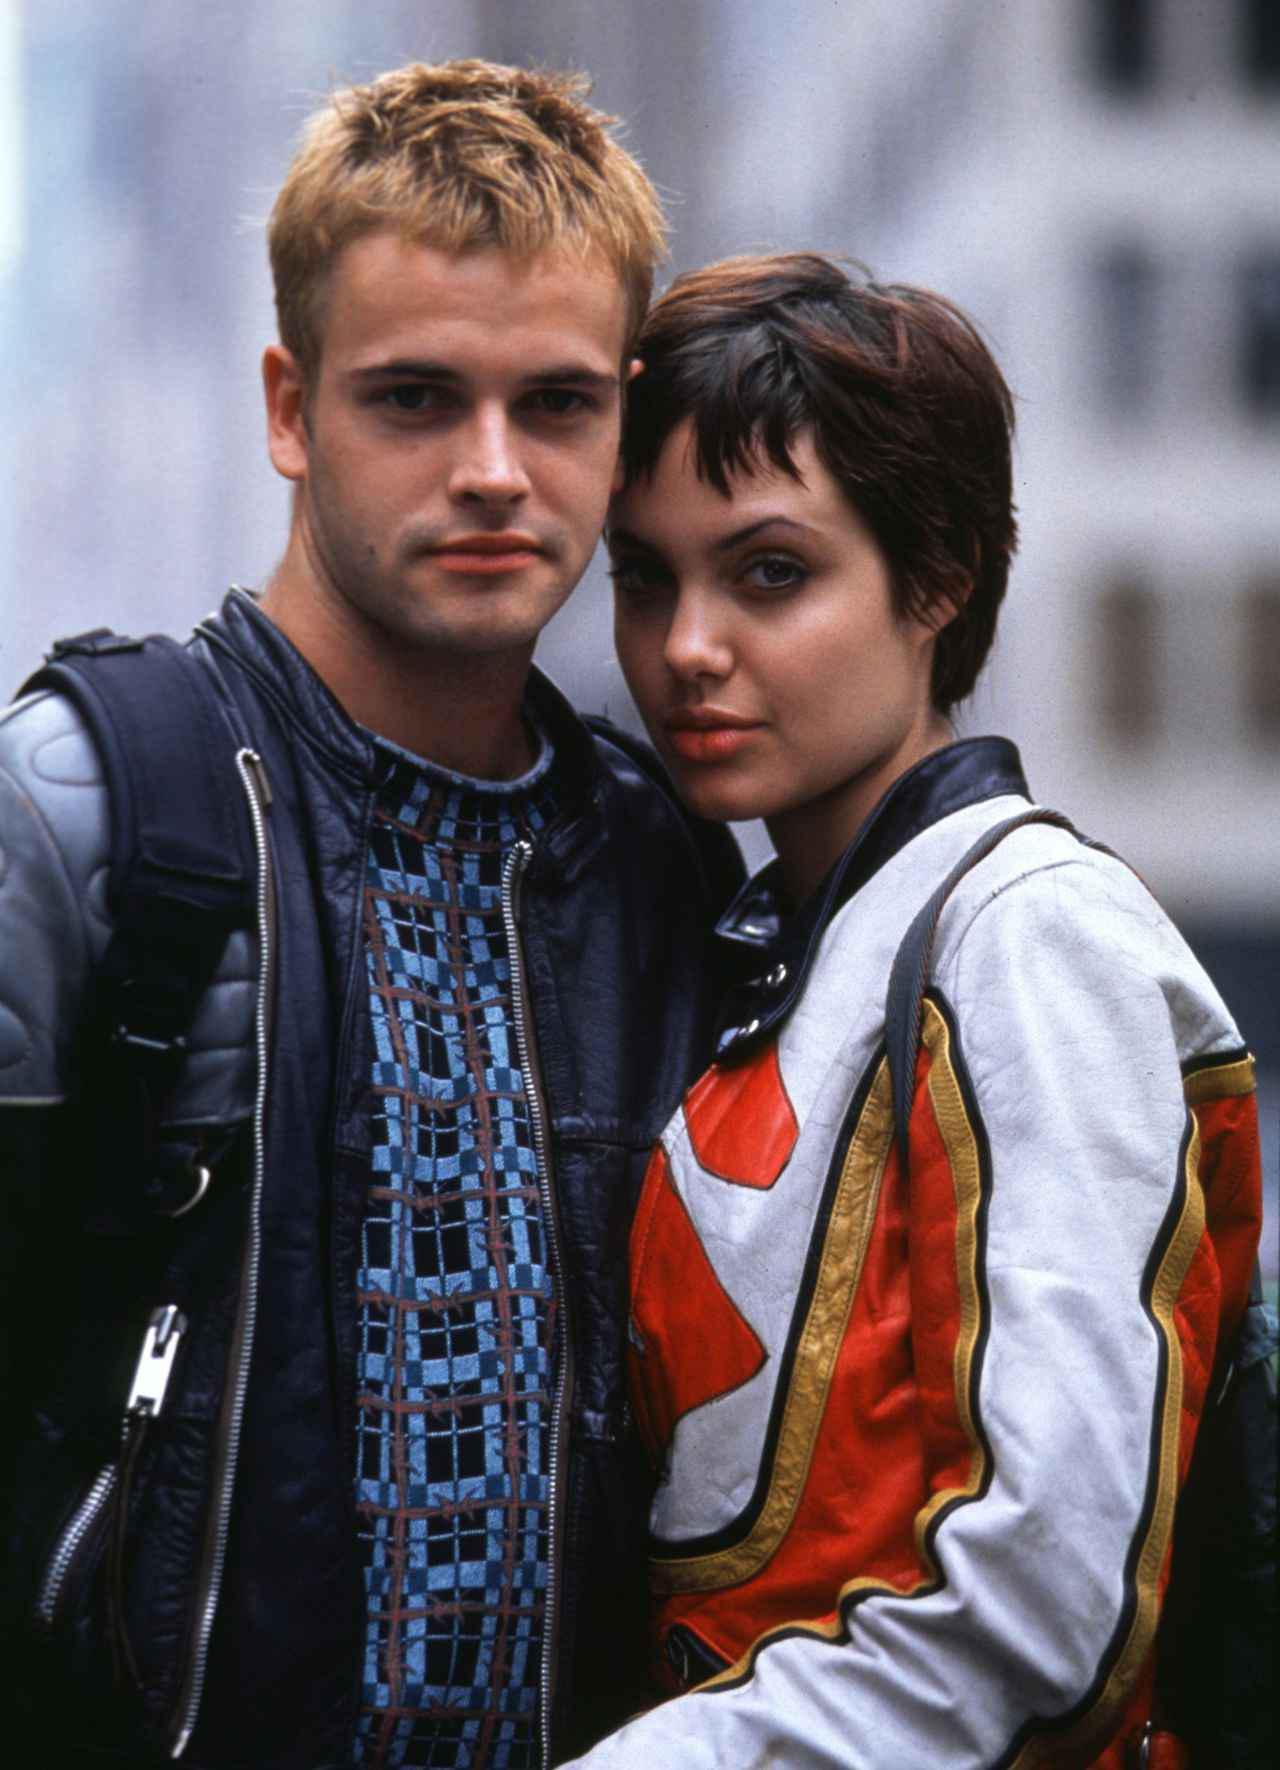 画像: 映画『サイバーネット』より、若かりし頃のジョニー・リー・ミラーとアンジェリーナ・ジョリー。 ©︎United Archives/Impress/United Archives/Newscom